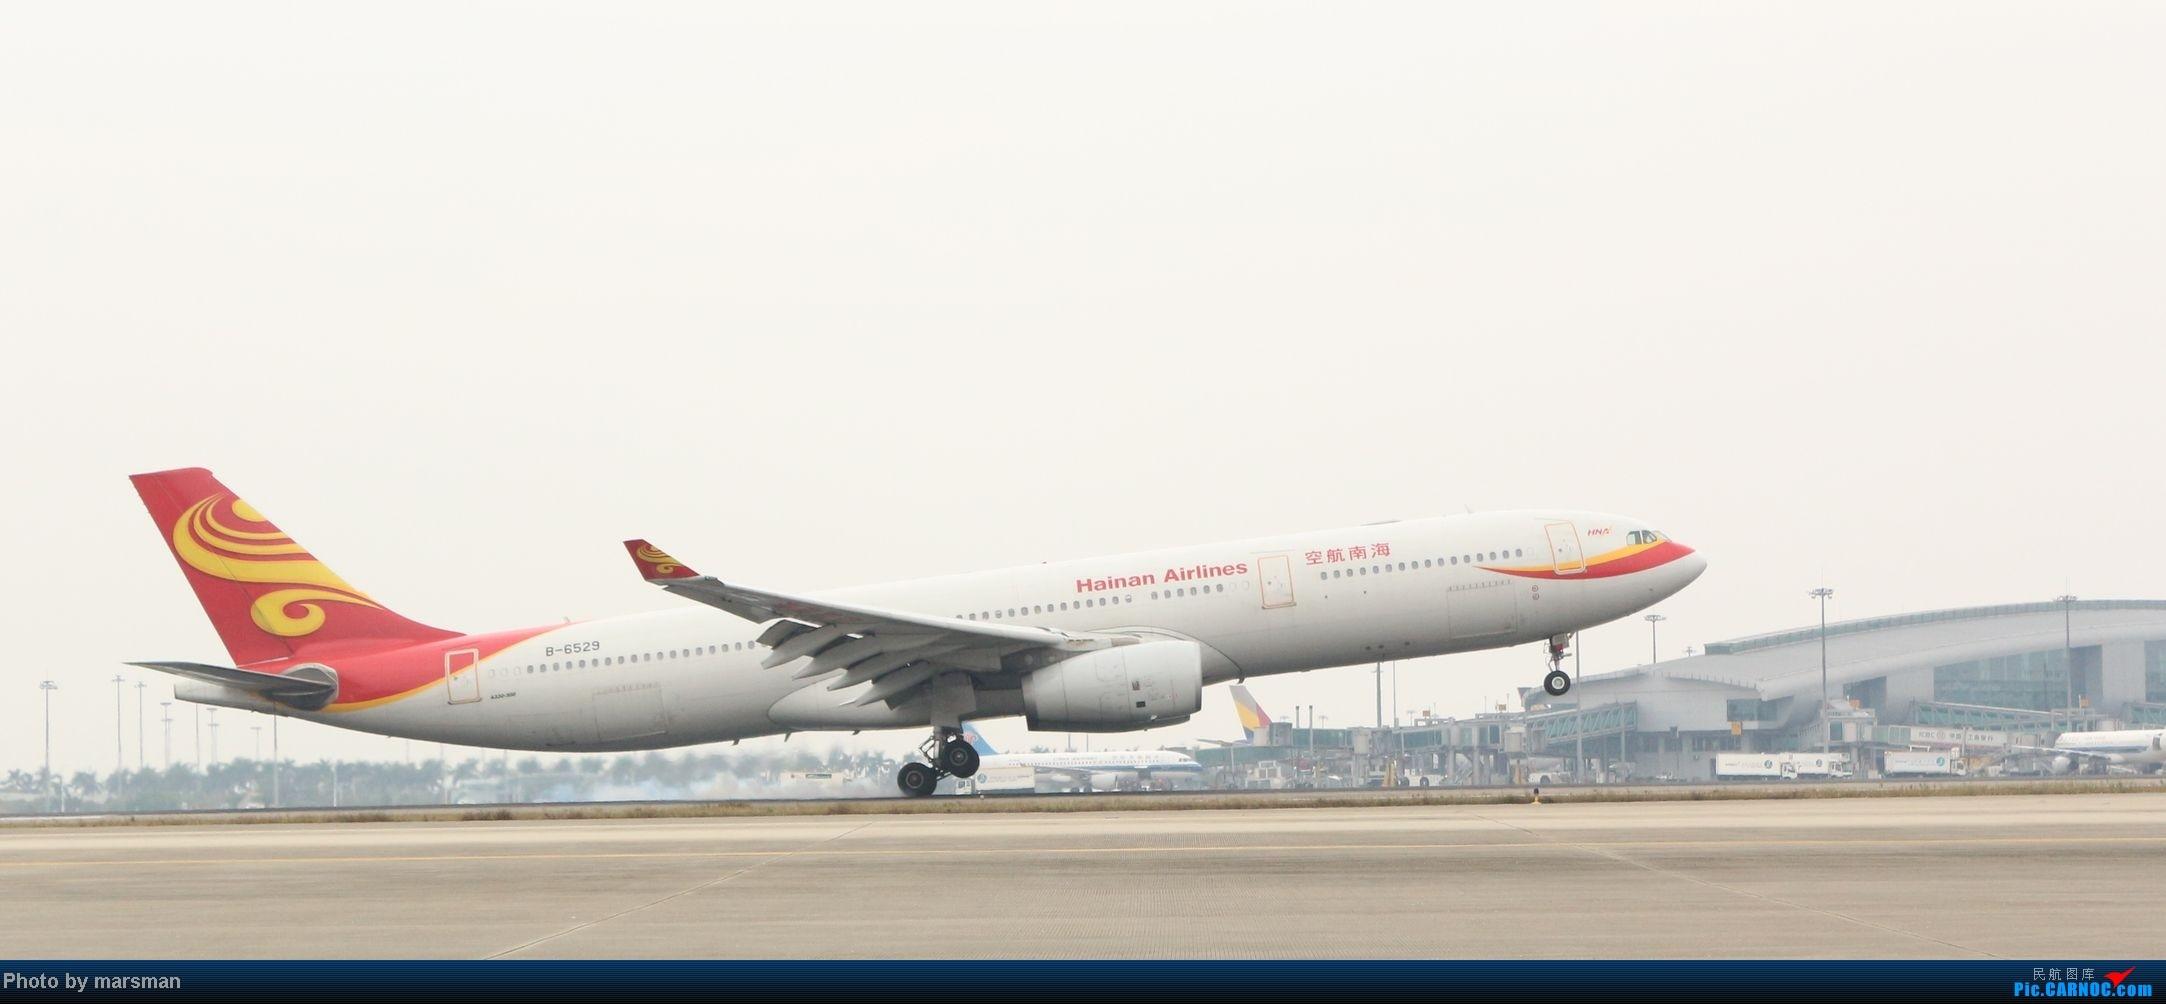 Re:[原创]广州白云机场第一次作业及新手入门简明指南 AIRBUS A330-300 B-6529 中国广州白云机场